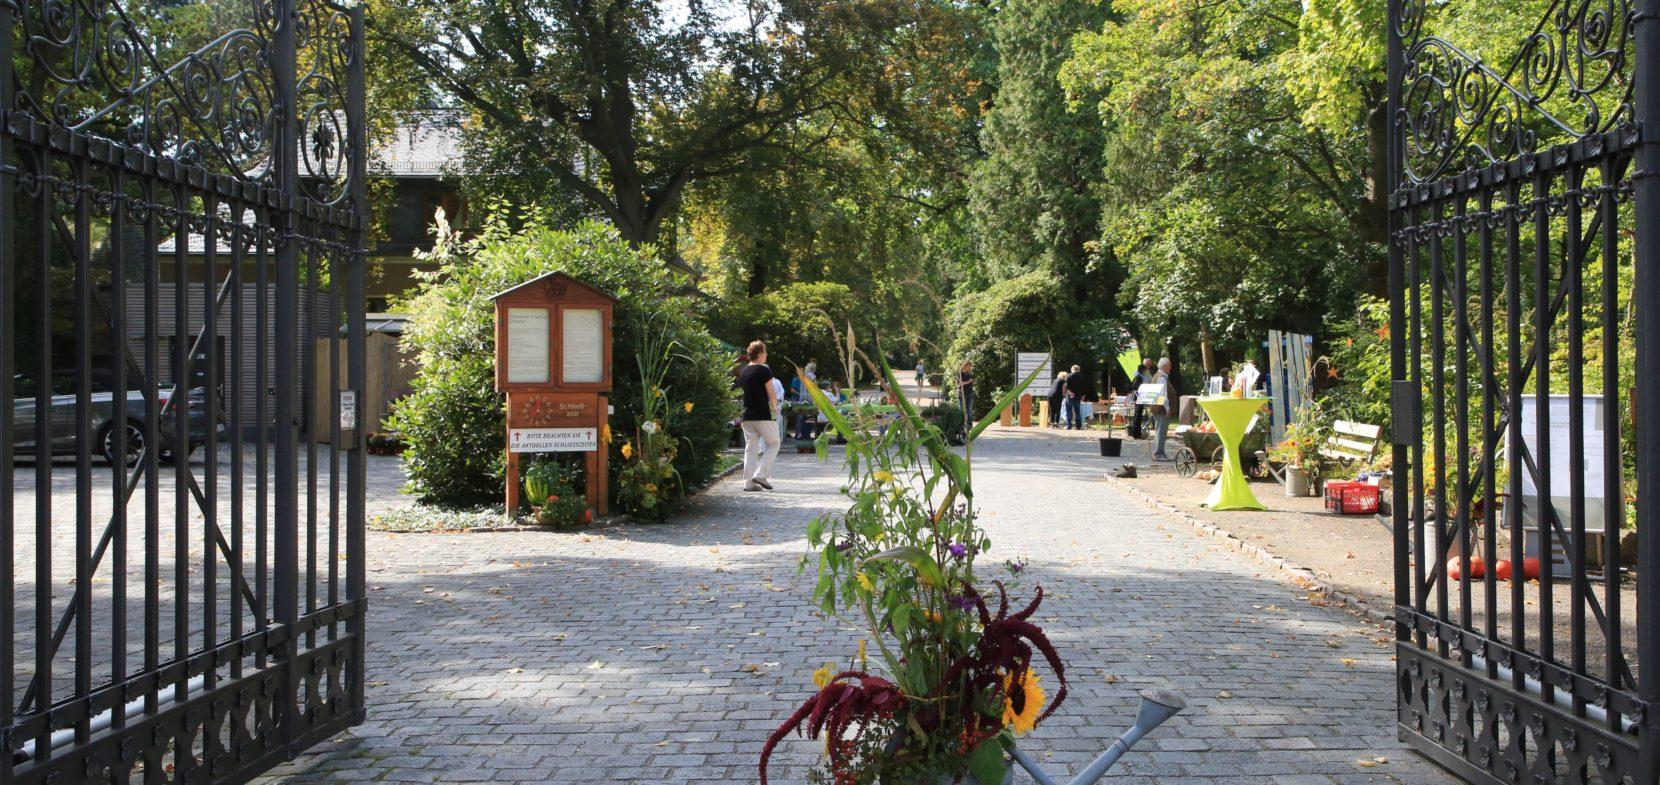 Tag des Friedhofs – Sonntag, 19. September 10-16 Uhr